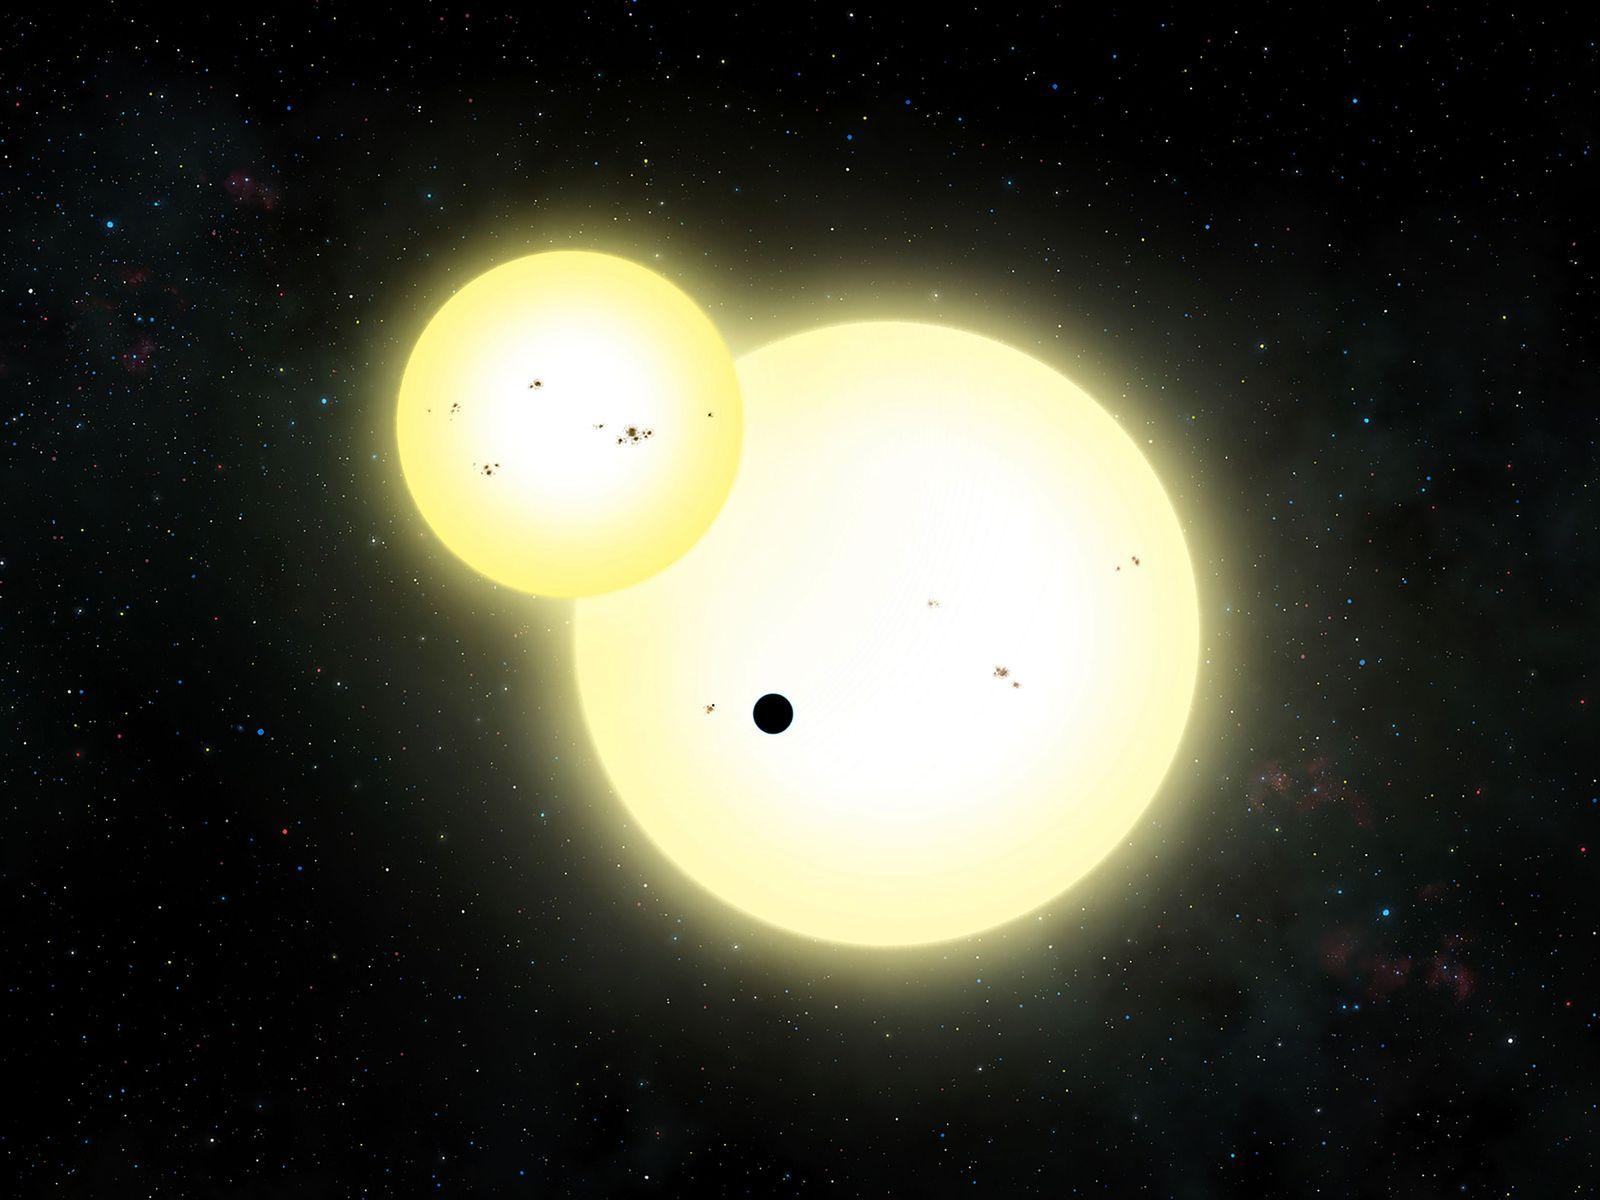 Exoplanet Kepler-1647b